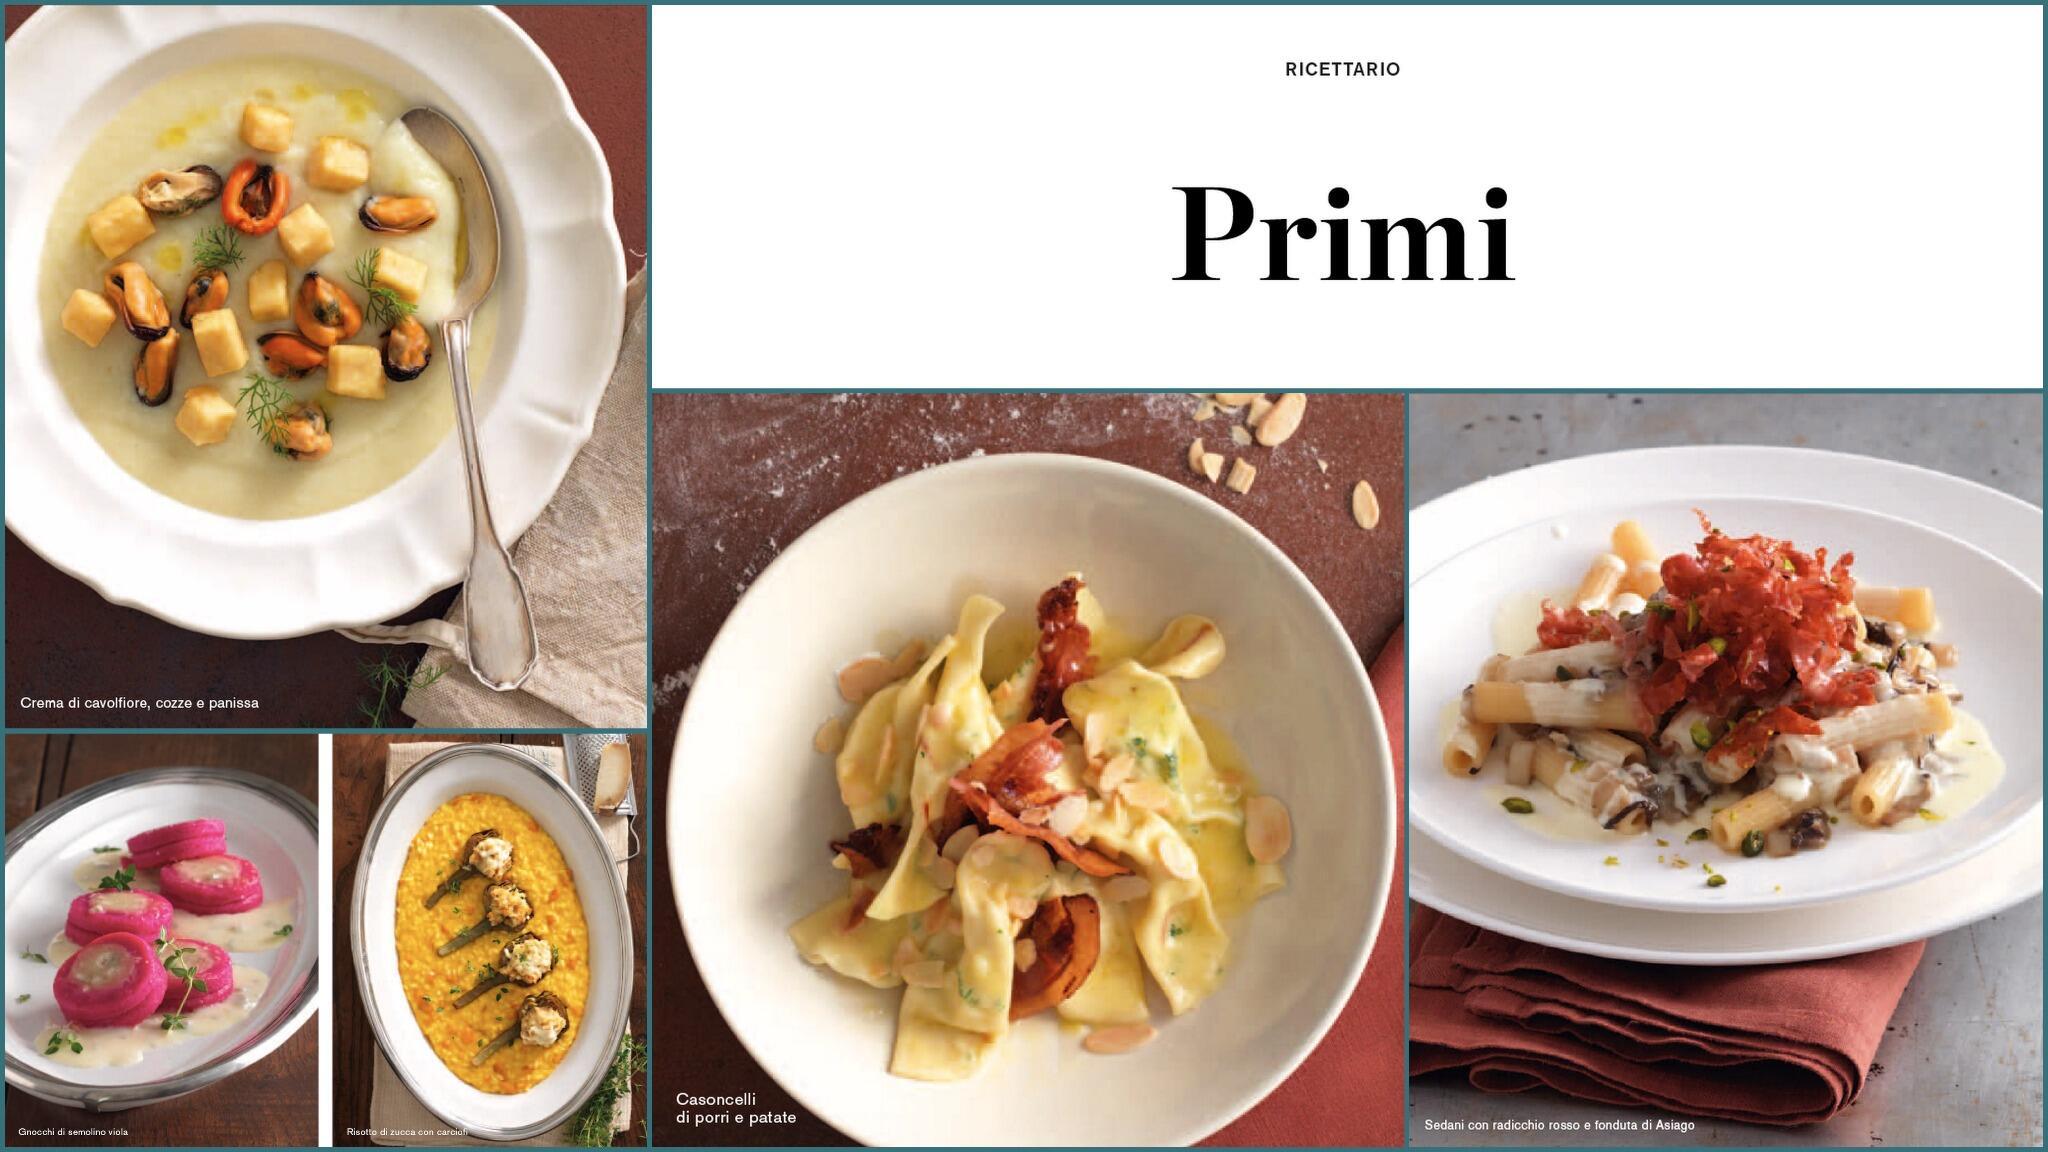 Vi viene fame così??  In #pausapranzo.... tutti #inedicola!  #eadessosfogliala #gennaio #primipiatti #lci http://t.co/7KleknG6kW